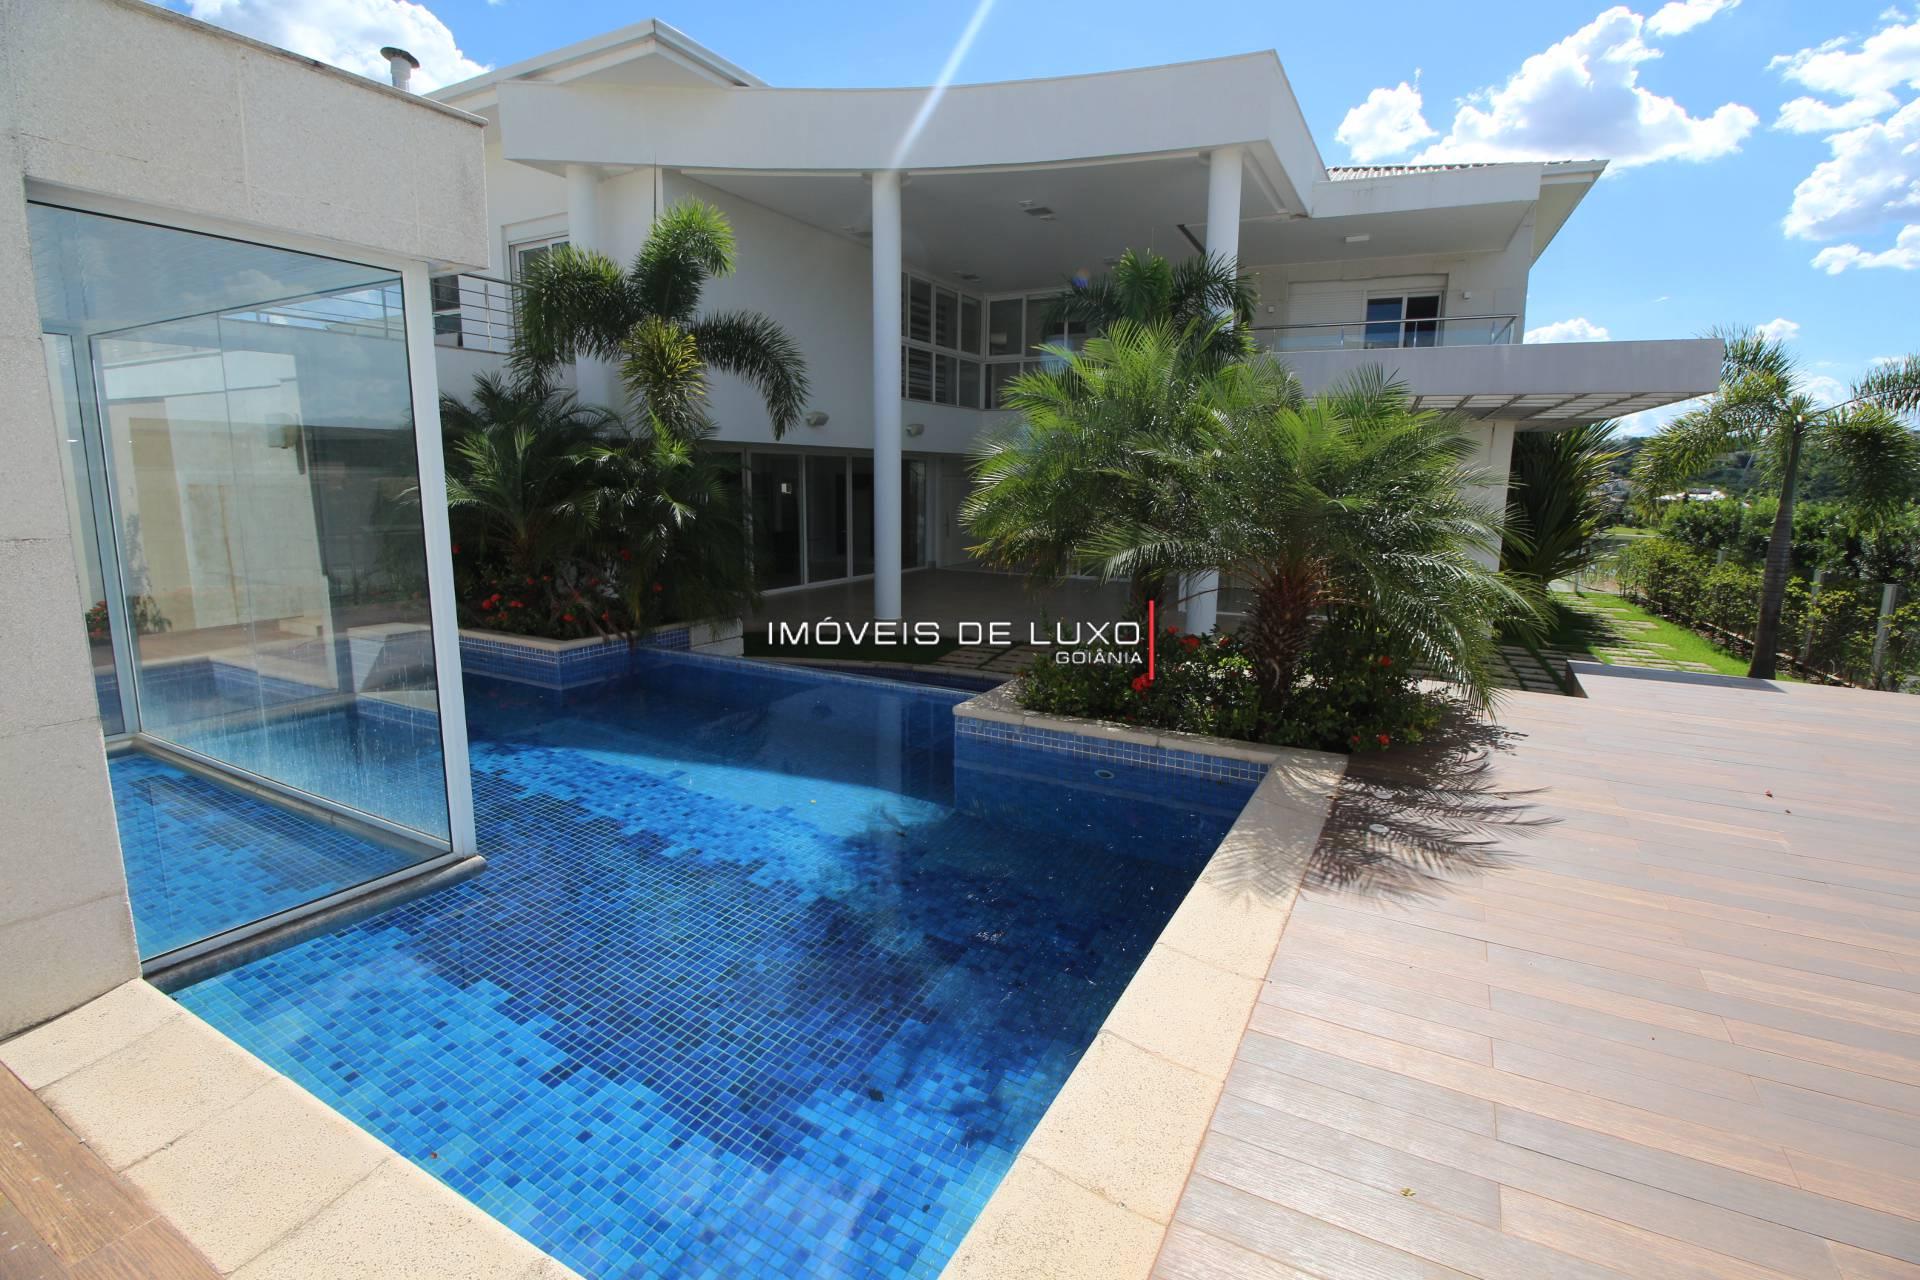 Imóveis de Luxo - Belíssimo sobrado com vista para o lago no Alphaville Cruzeiro